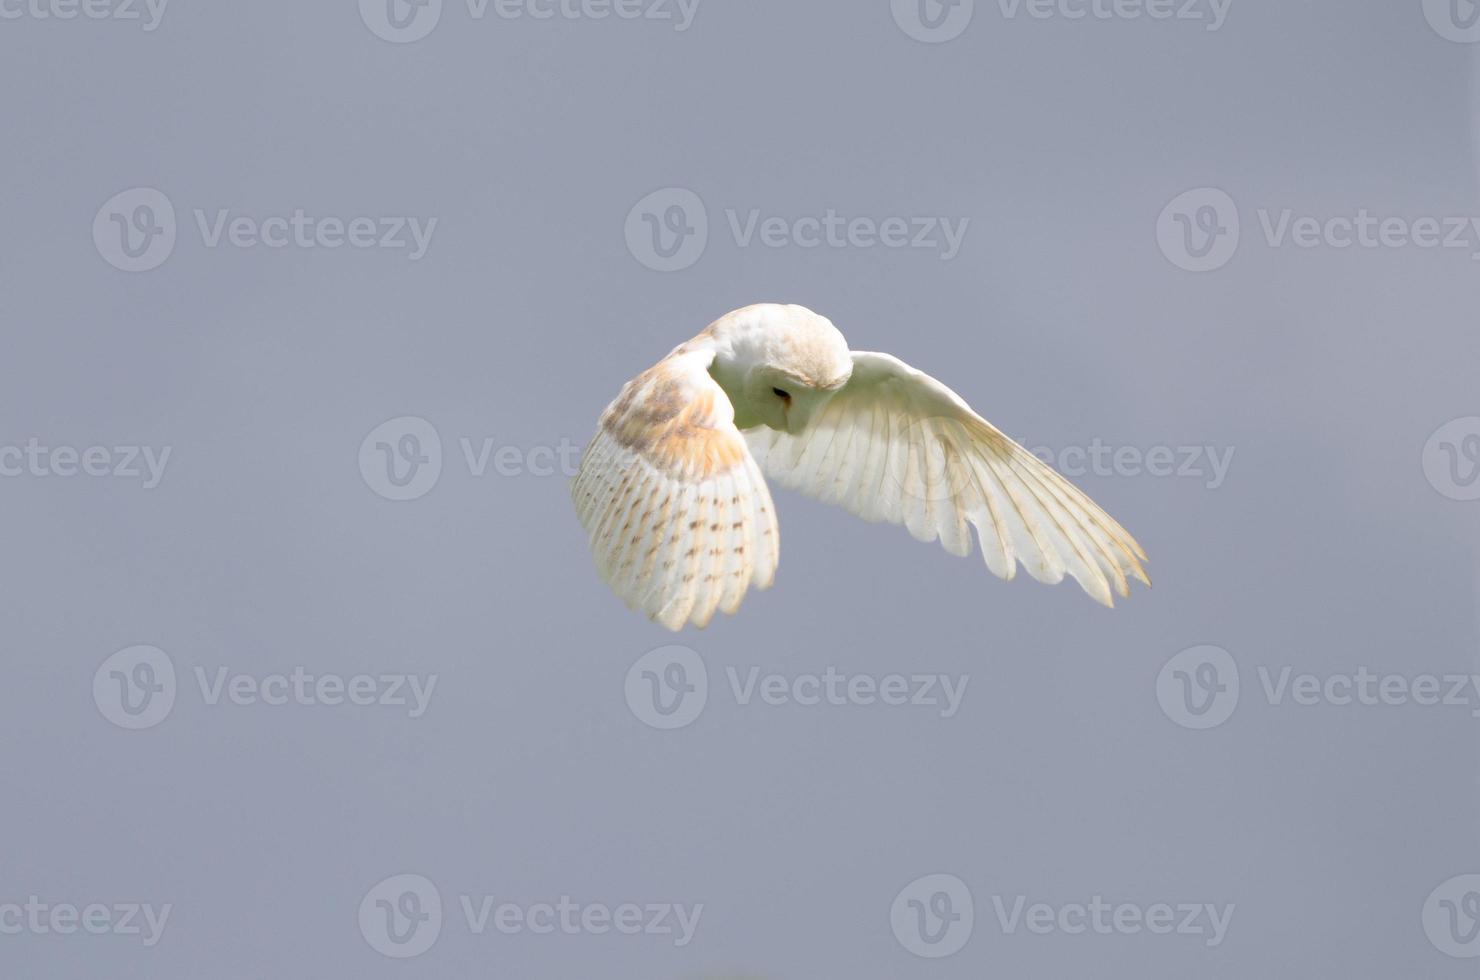 caza de lechuzas voladoras (tyto alba) foto